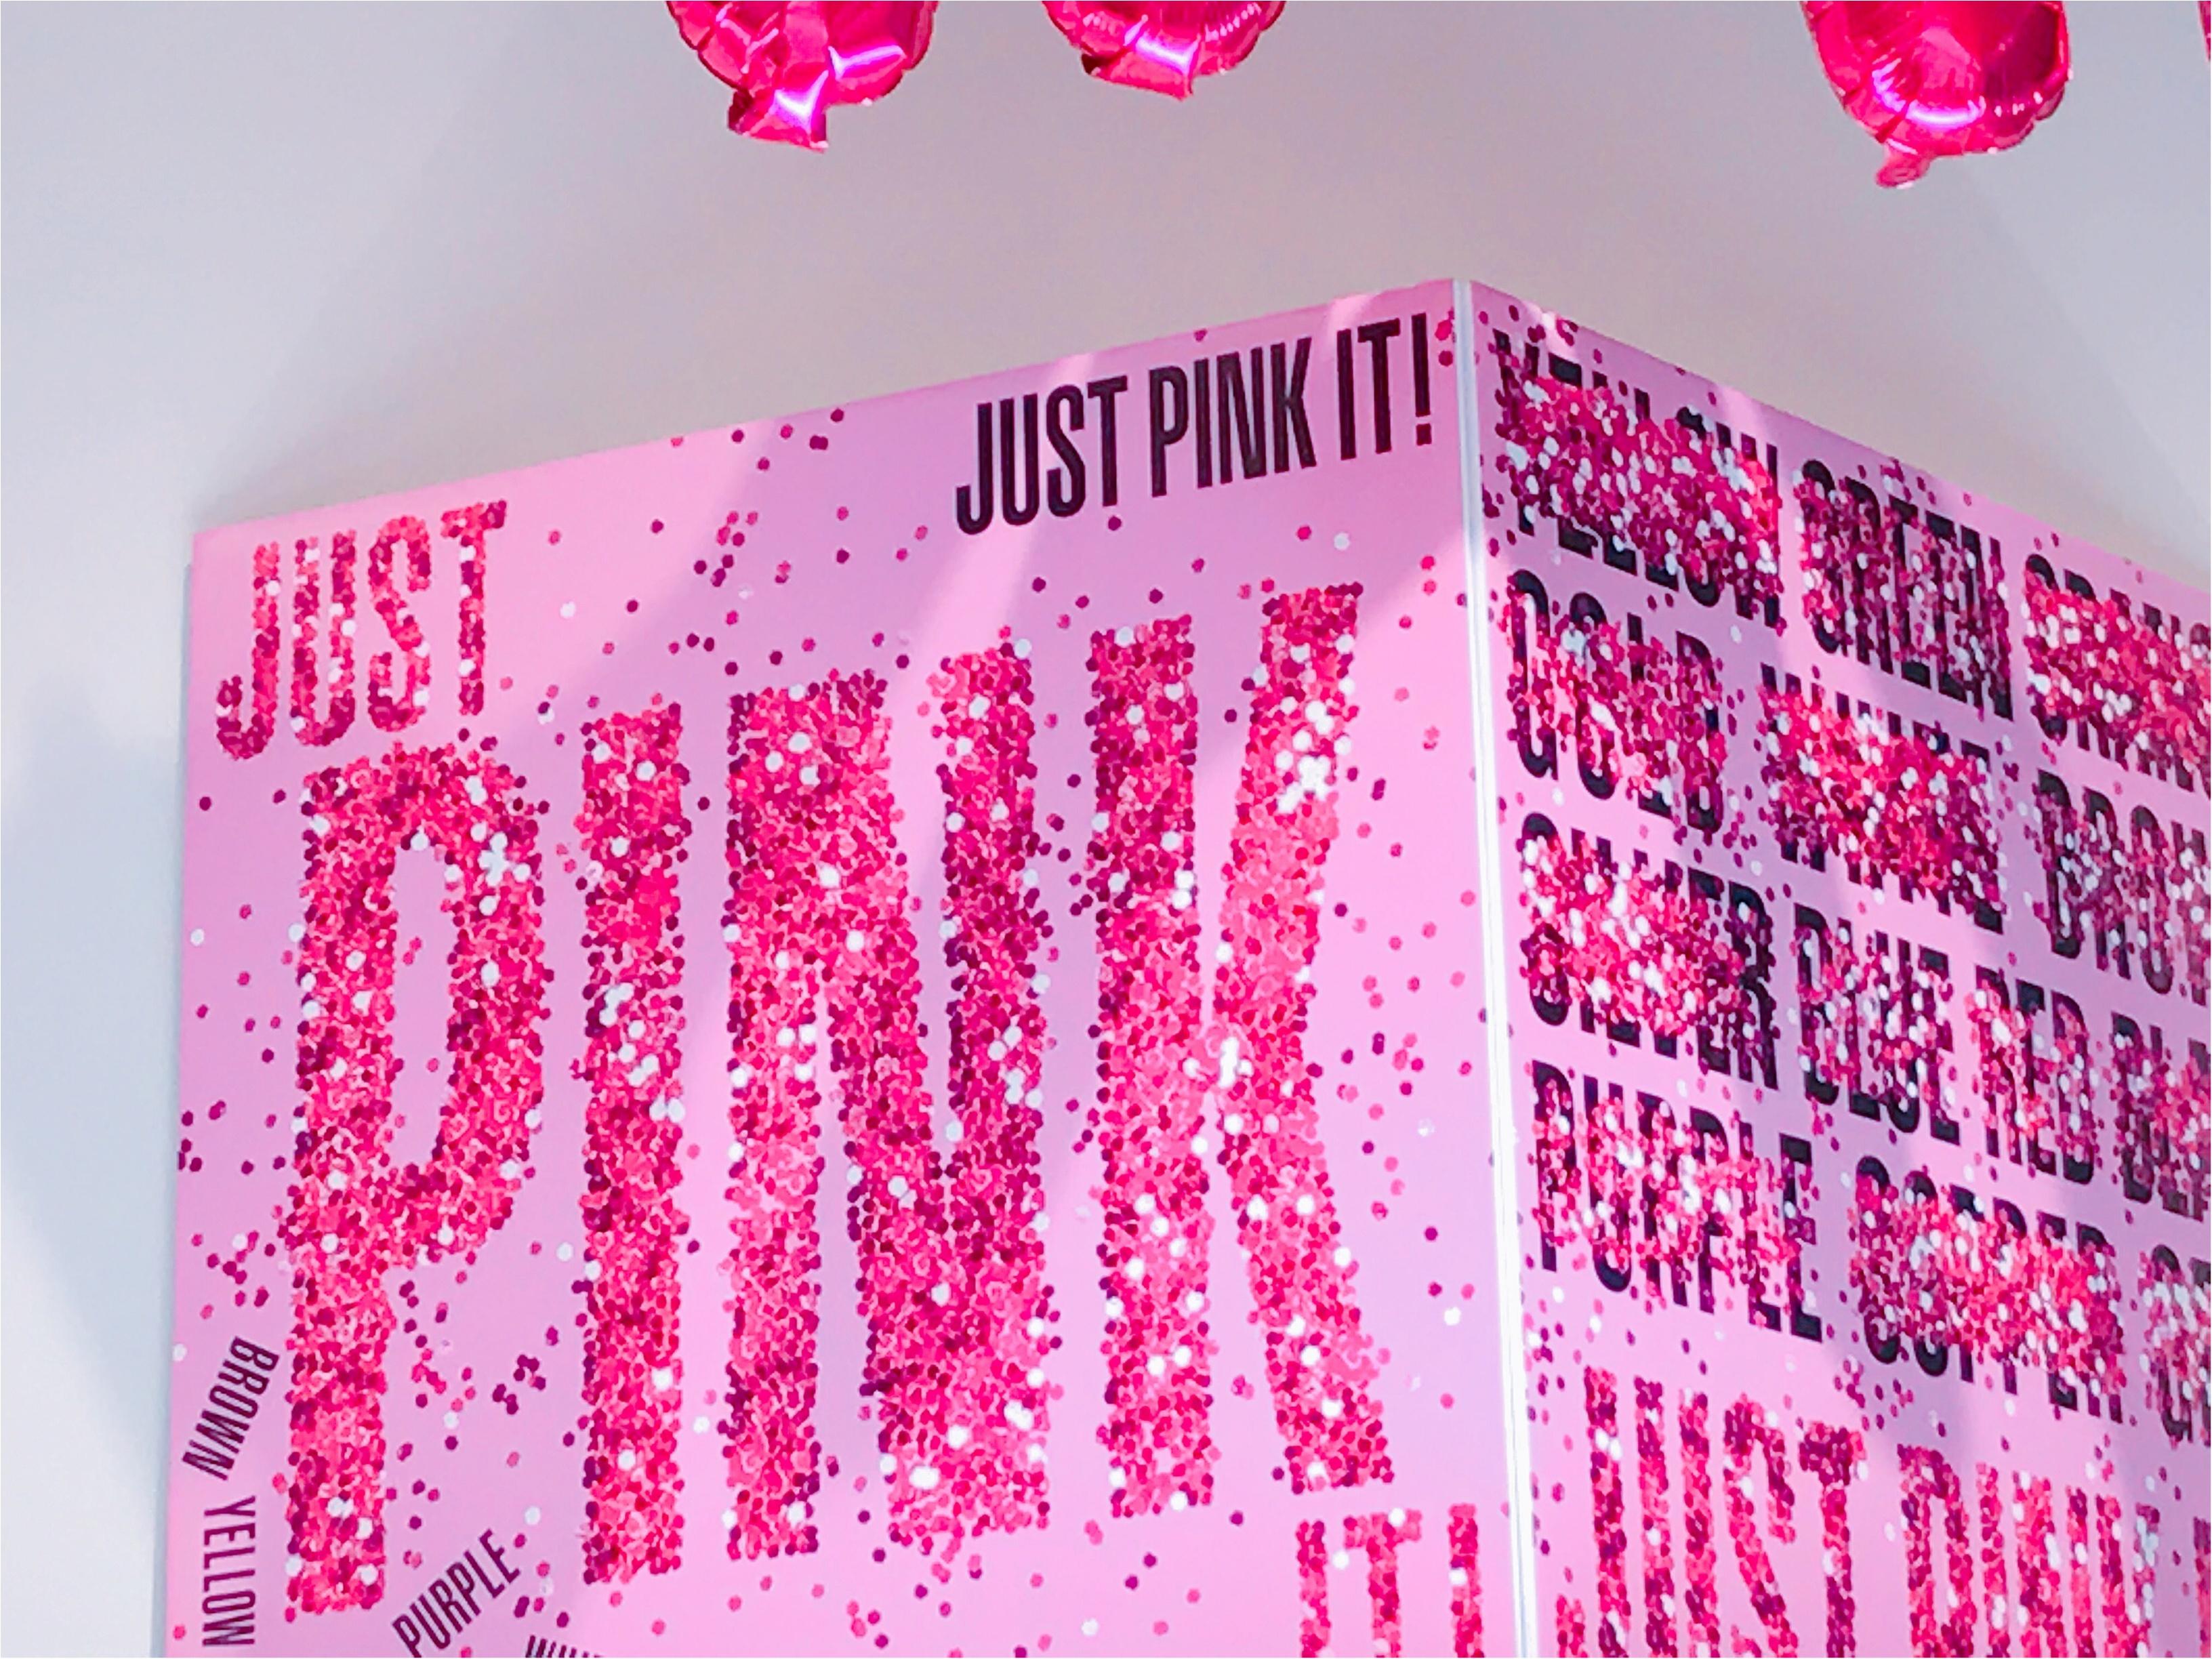 《JUST PINK IT!》この春は『ピンク』に囲まれたい♪【PLAZA】のピンク特集で限定の〇〇〇をGET♡_1